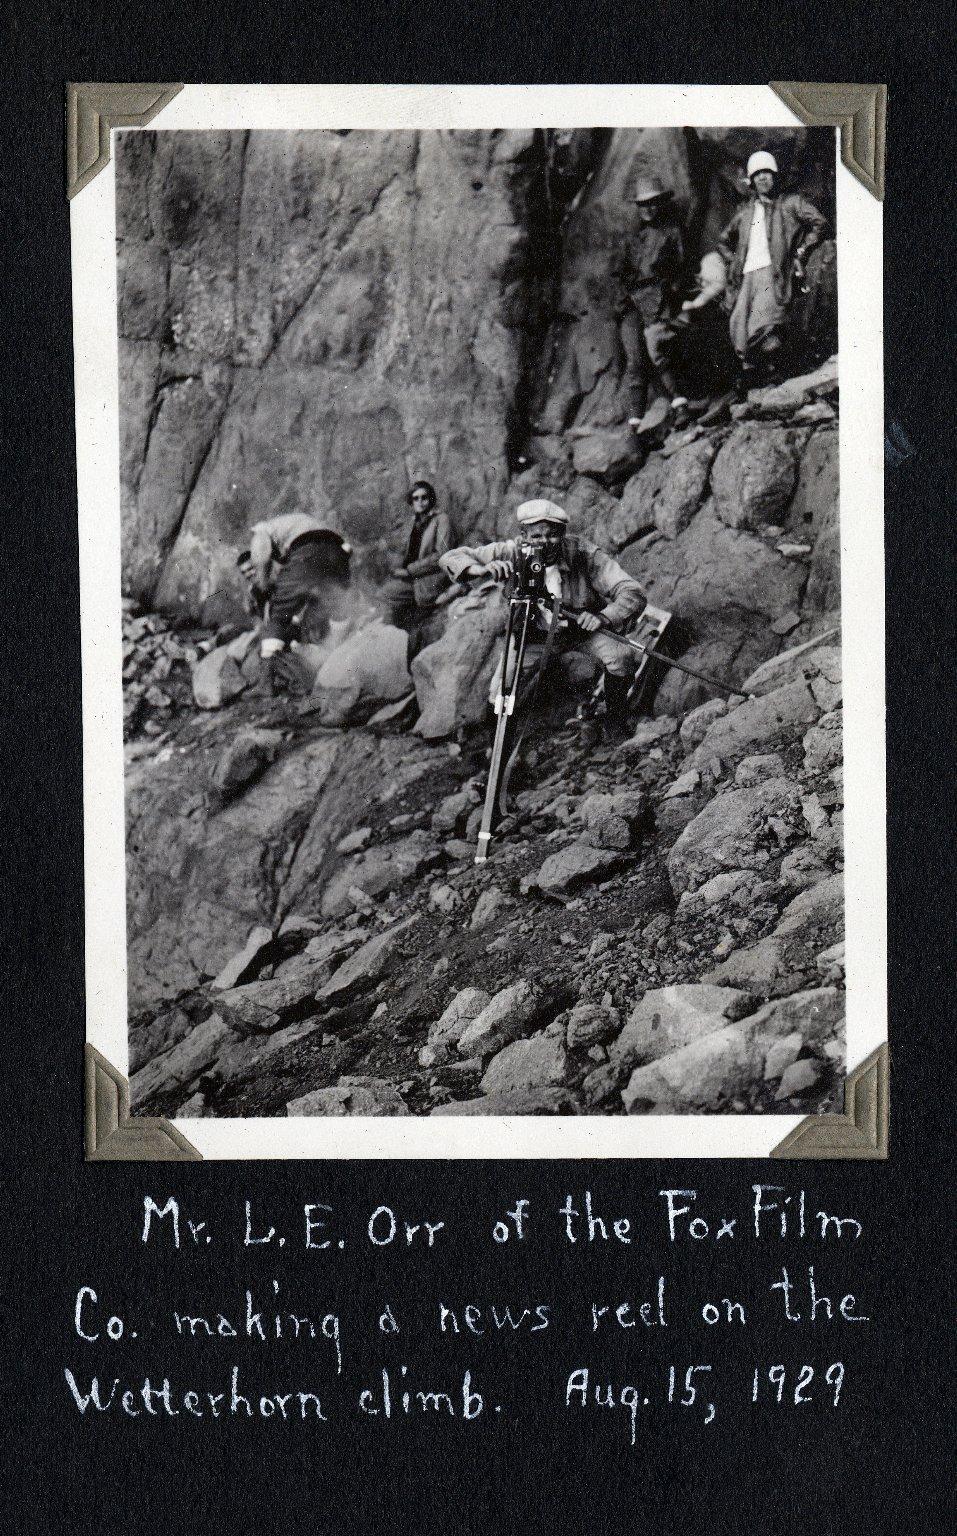 News reel being made of Wetterhorn Peak climb